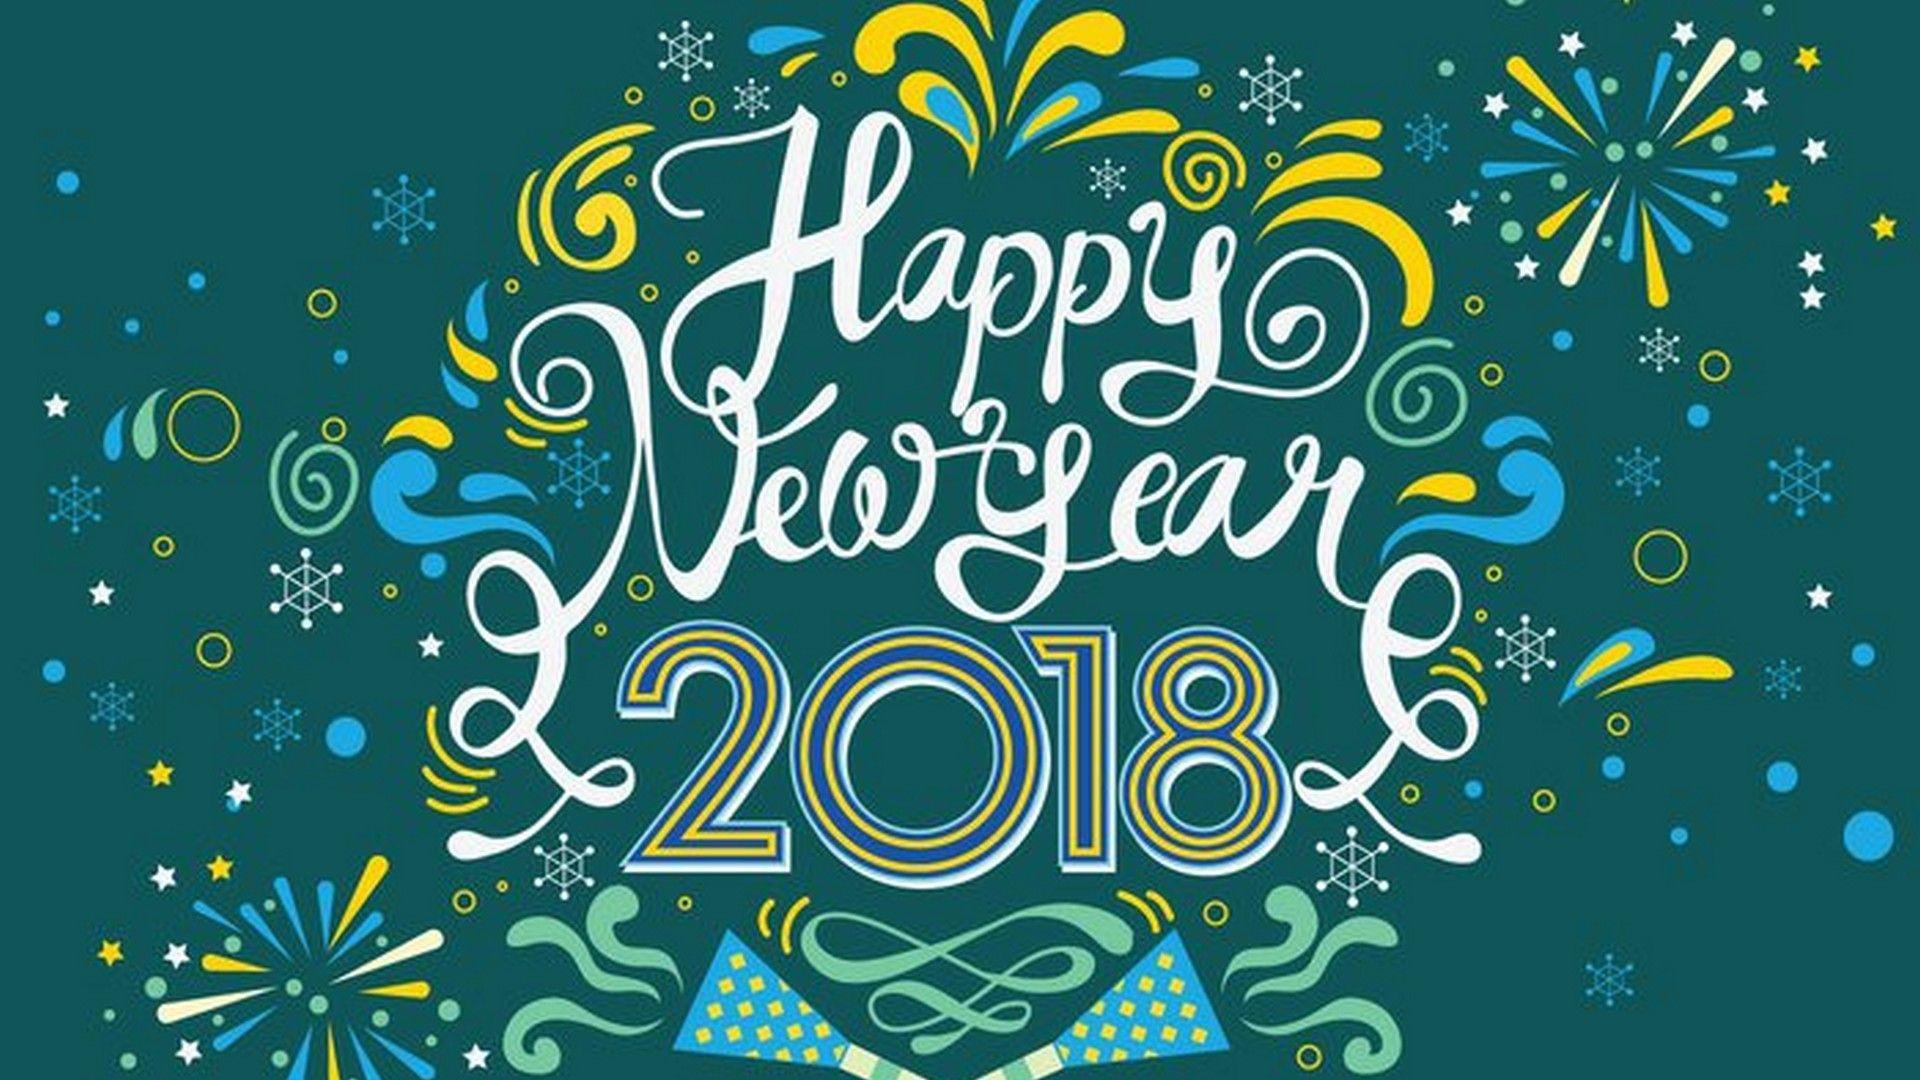 happy new year 2018 wallpaper best wallpaper hd